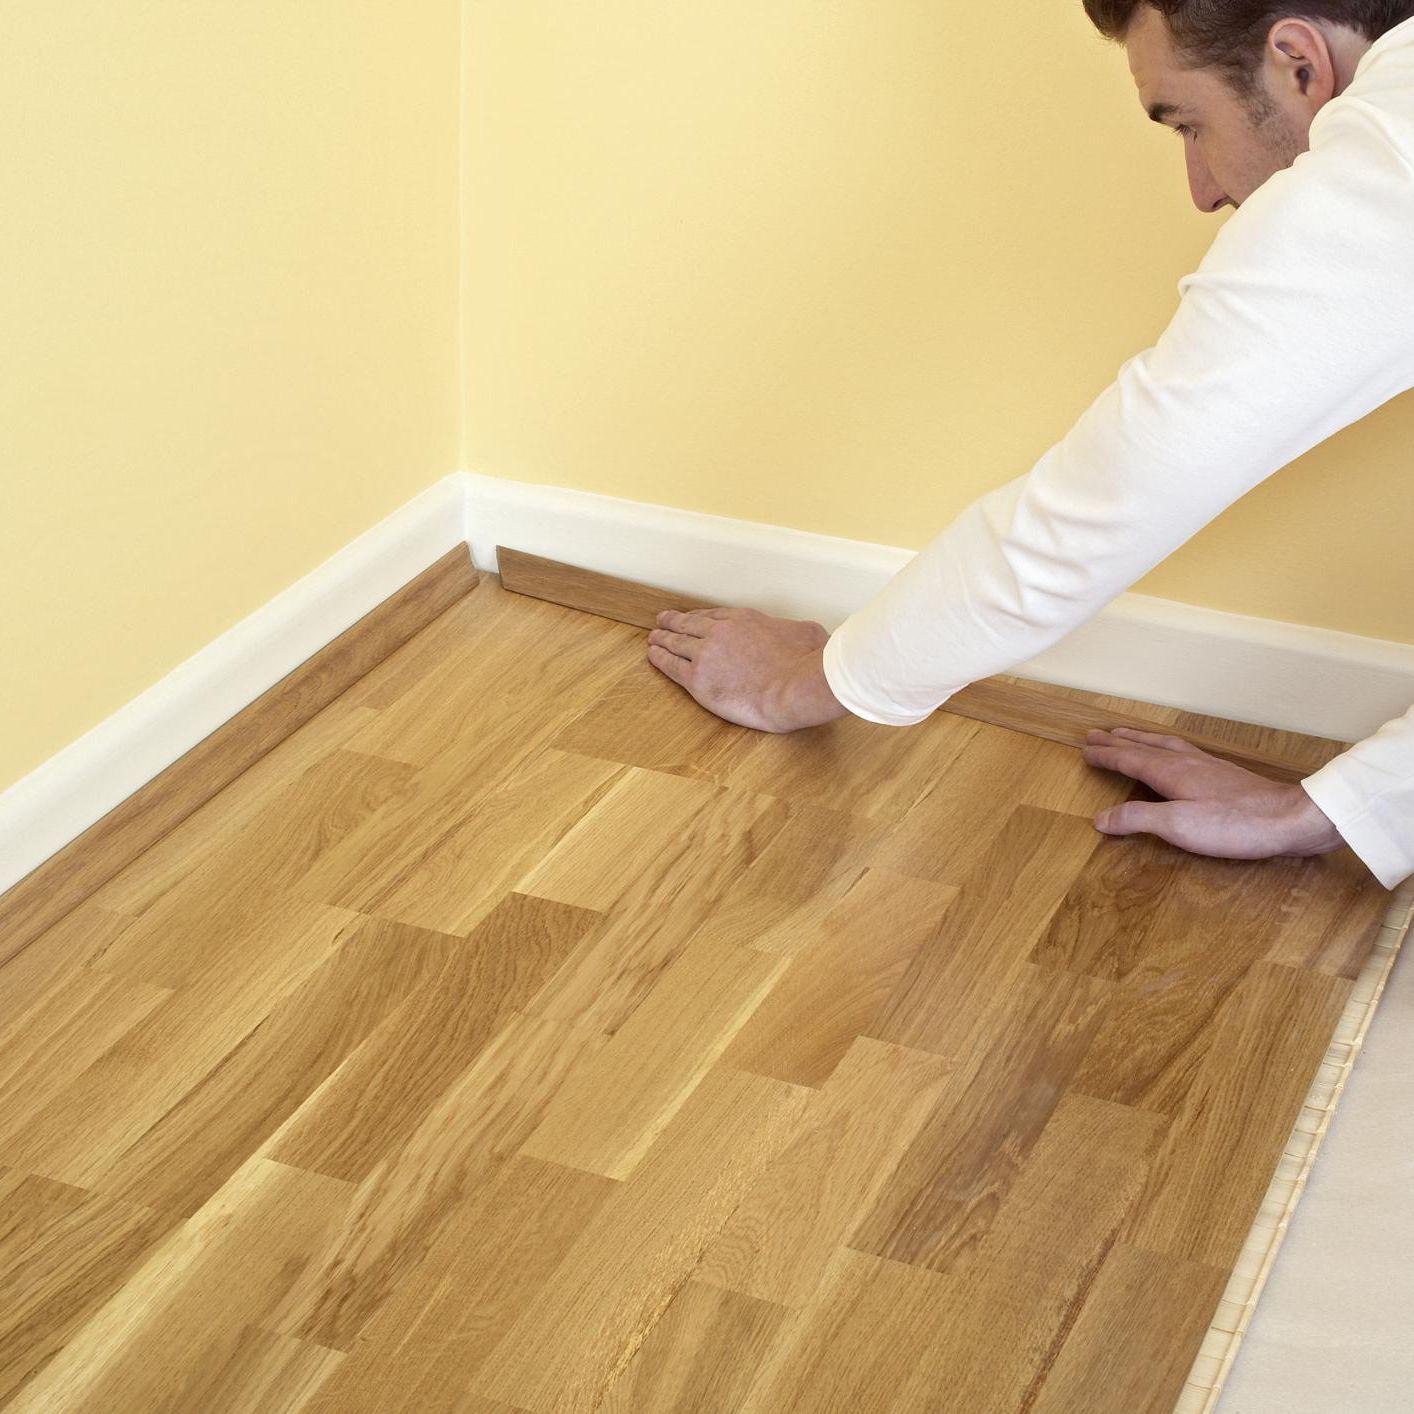 Basics Of 12 Mm Laminate Flooring, 8mm Vs 12mm Laminate Flooring